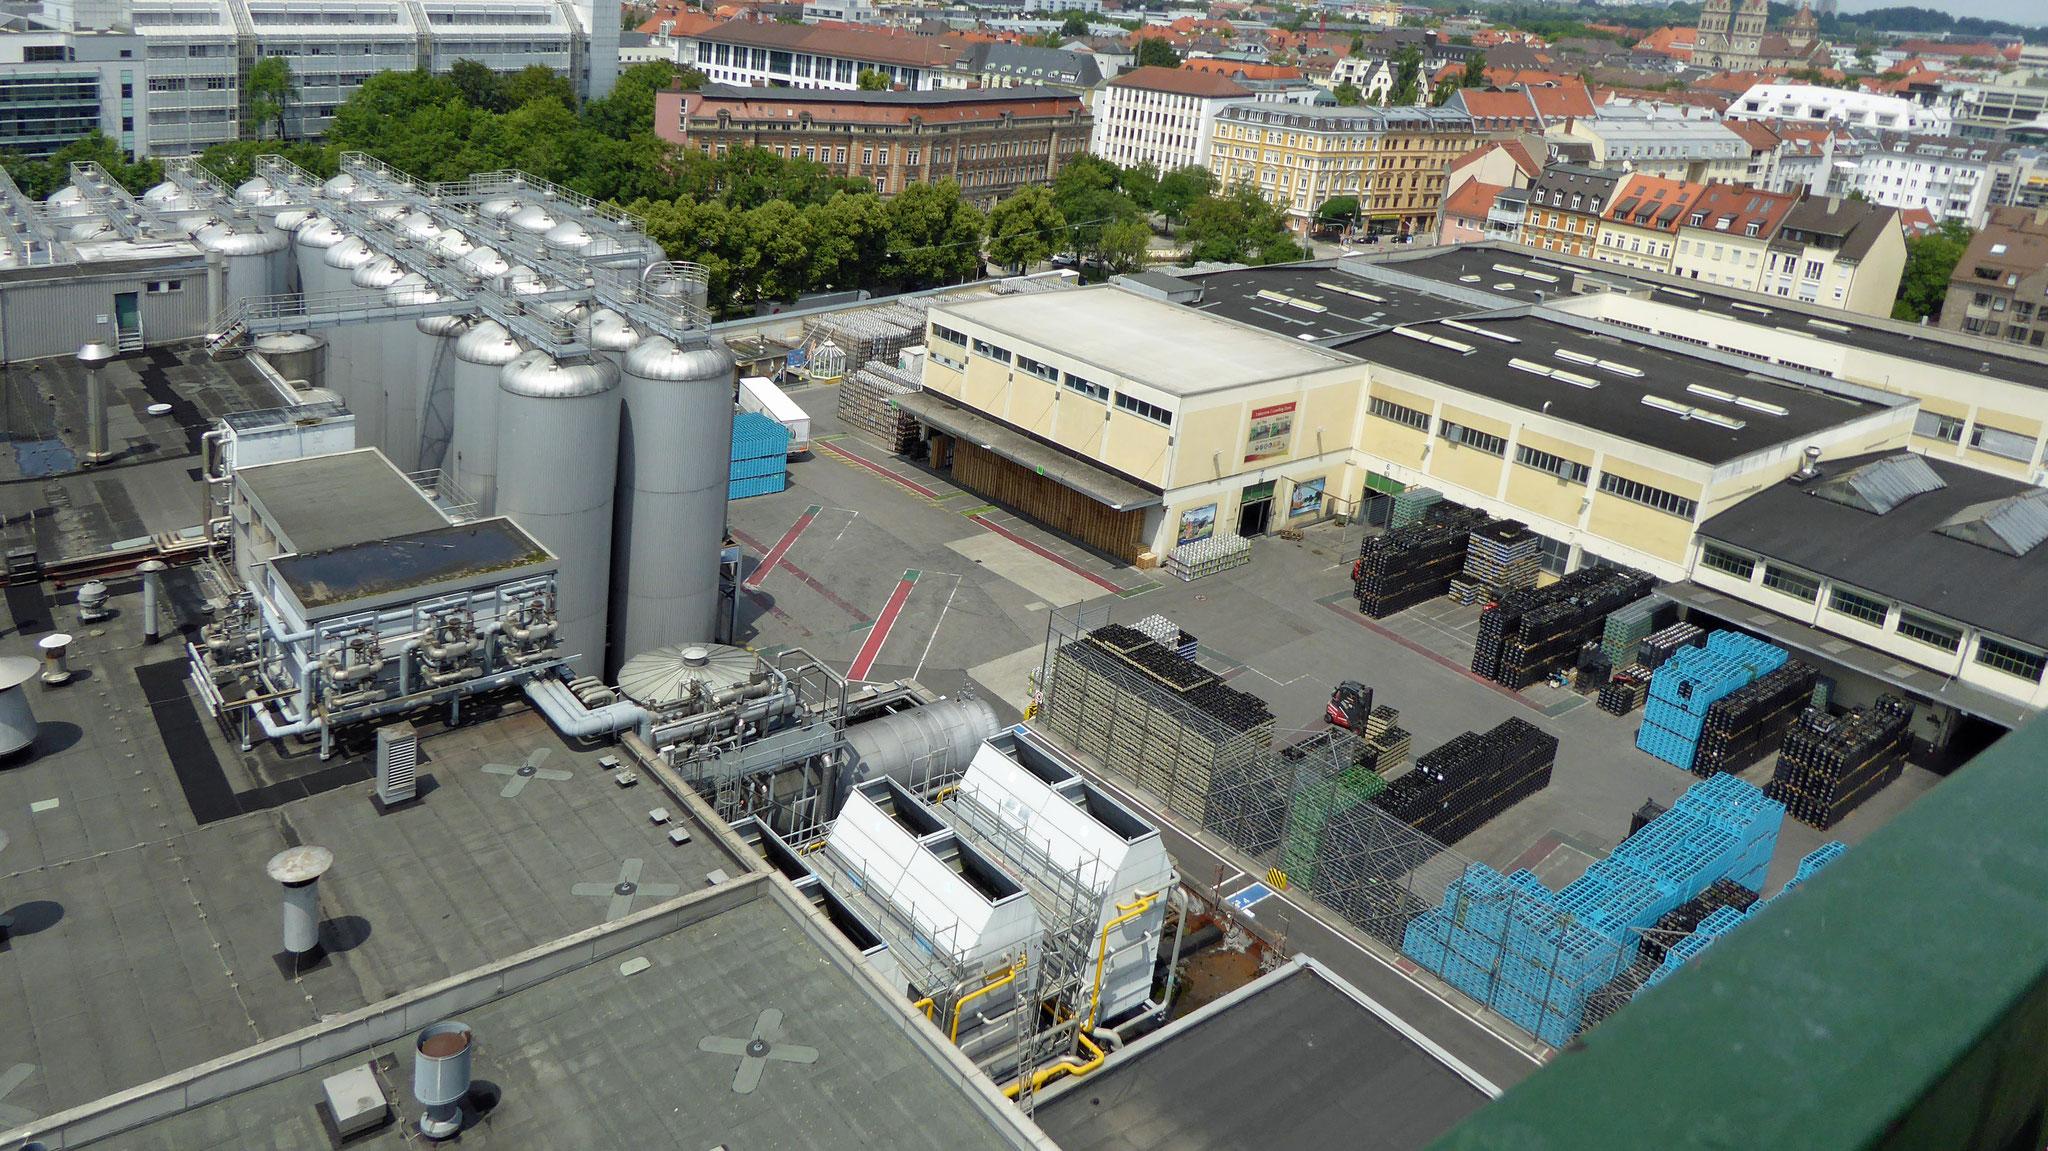 das Brauereigelände